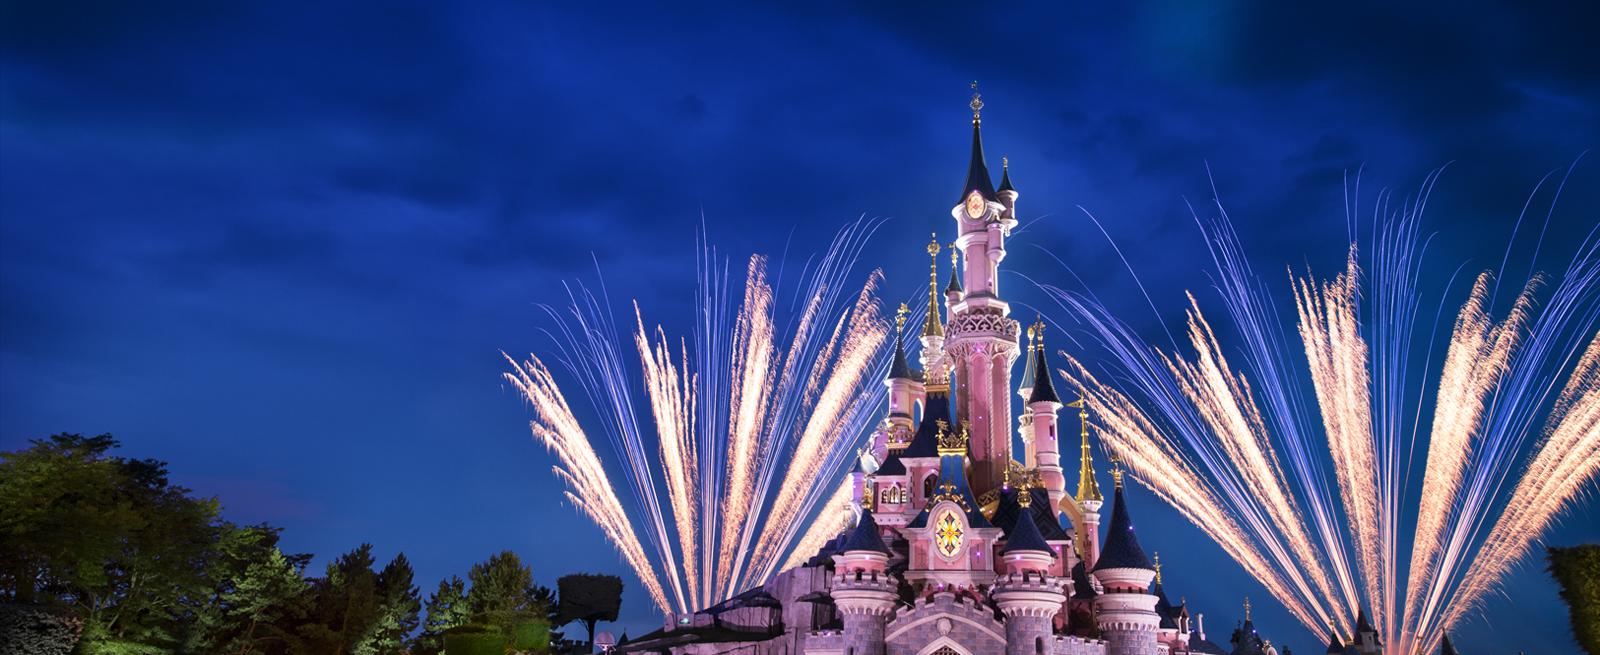 Disneyland© Paris night castle